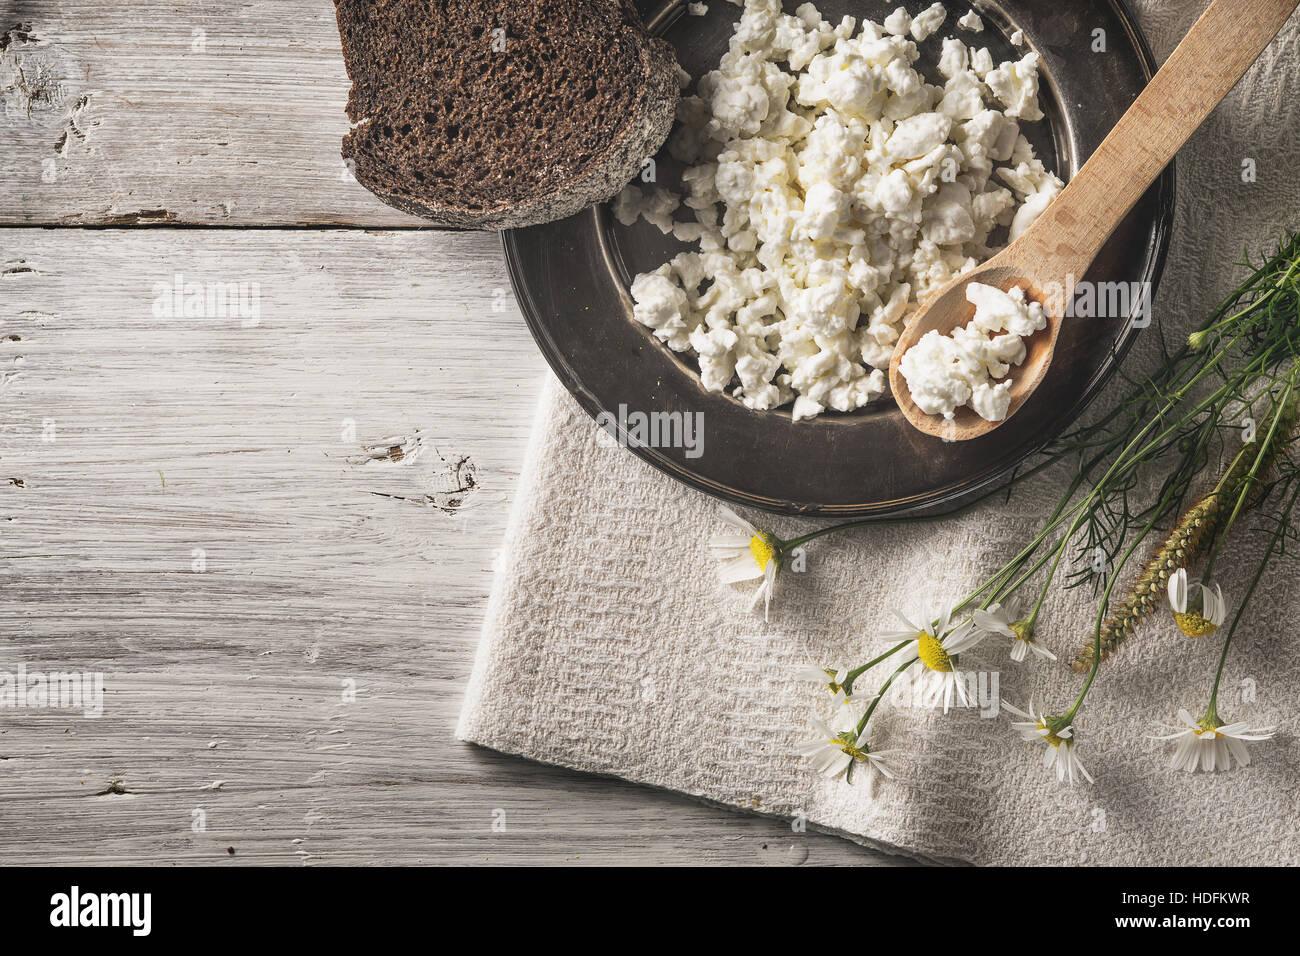 Fromage frais avec du pain et des fleurs sur la table en bois blanc Vue de dessus Photo Stock